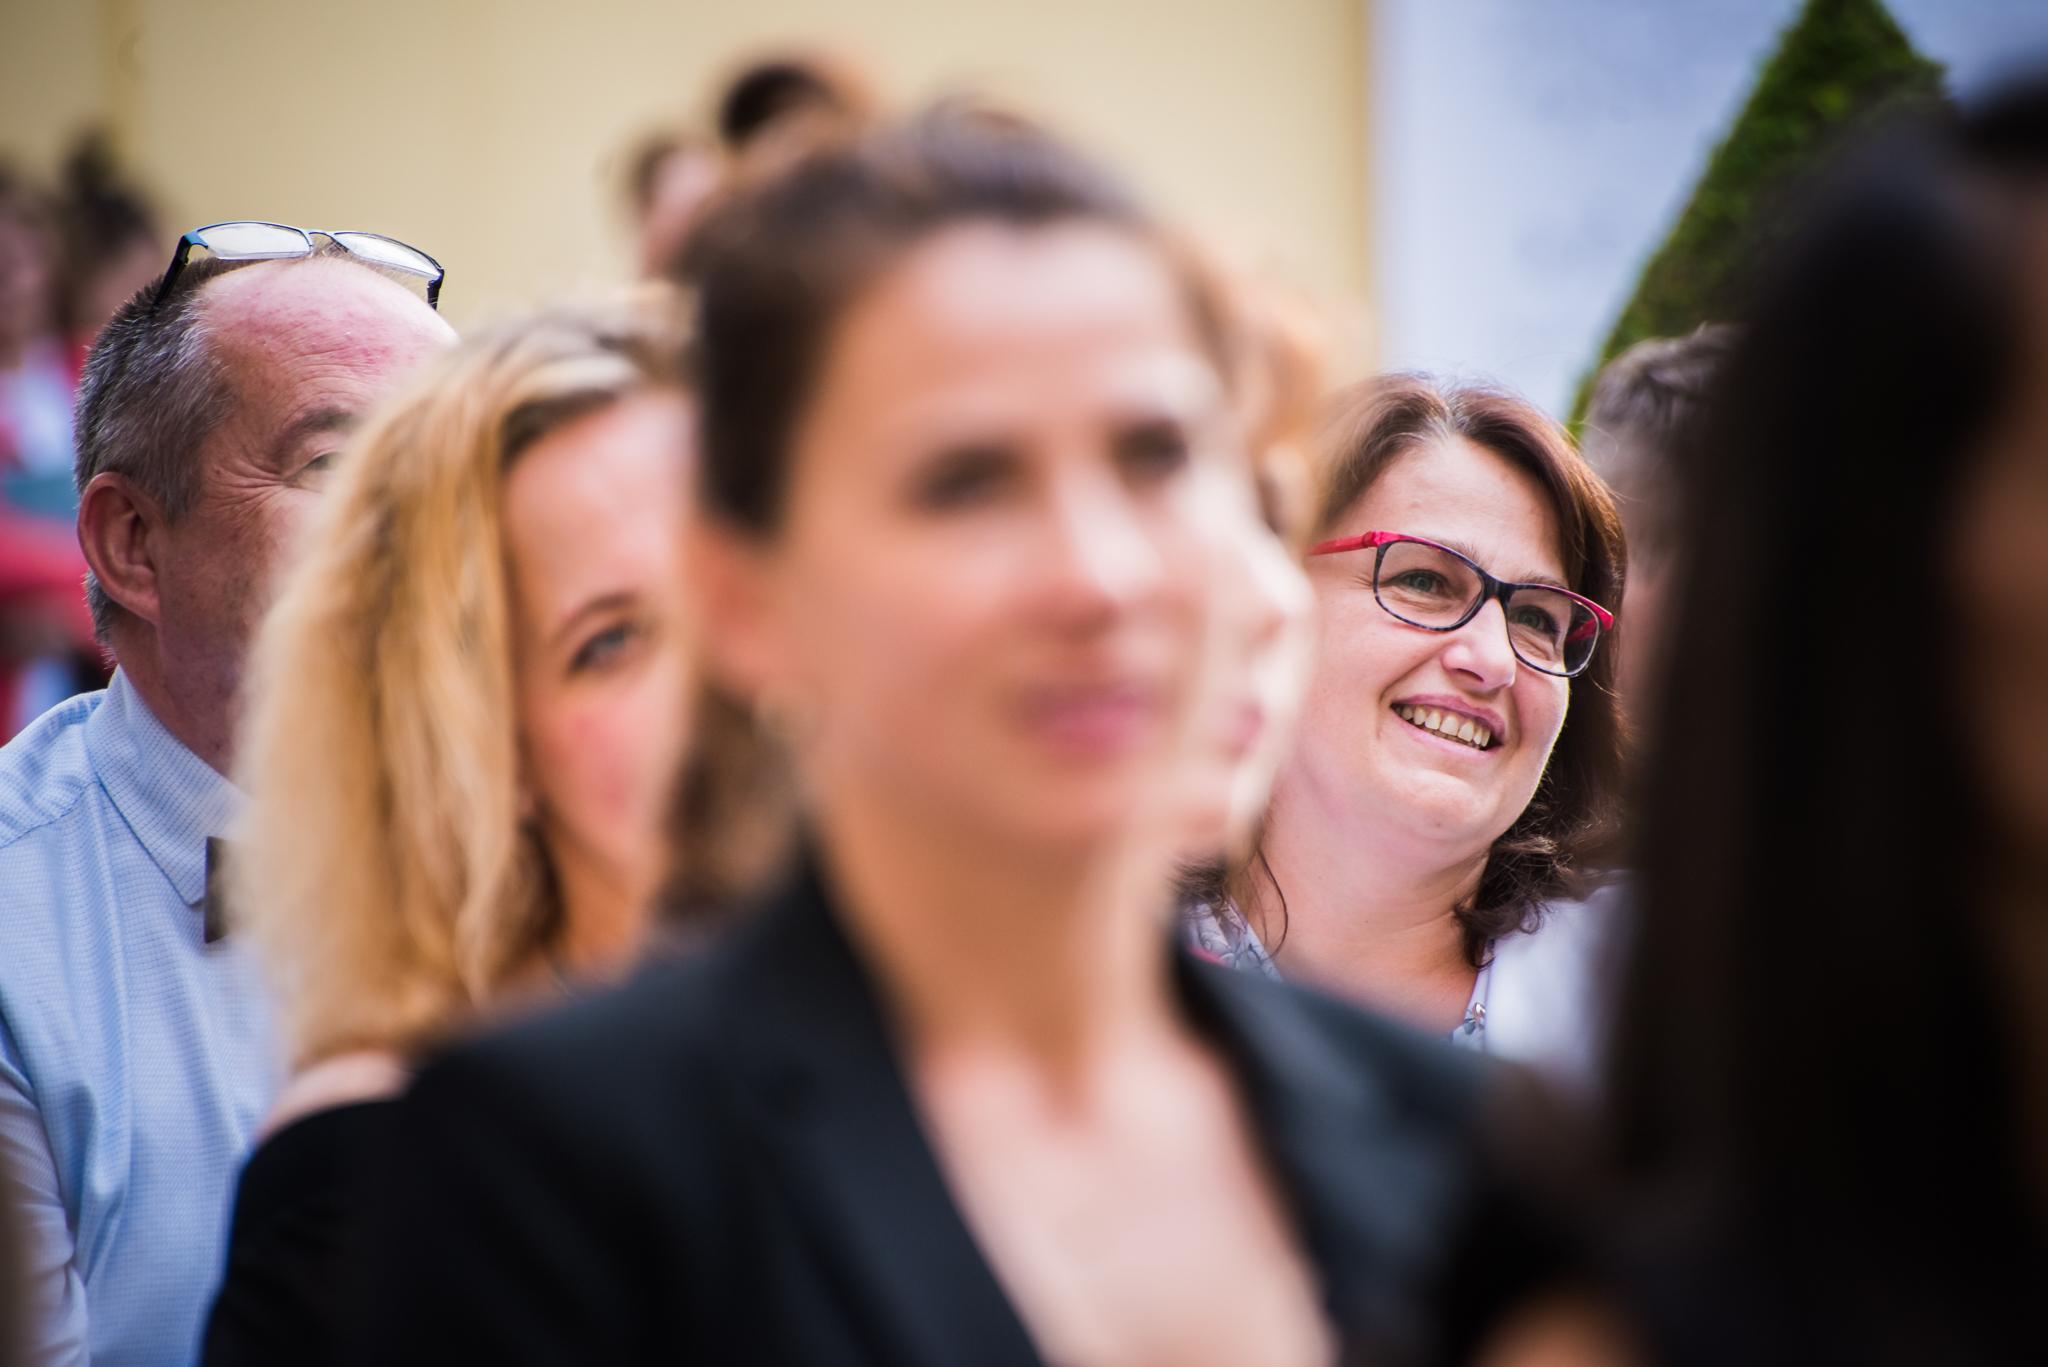 Štěpánka Baierlová na loňském vyhlášení cen Global Teacher Prize. Podívejte se na spot k letošnímu vyhlášení.